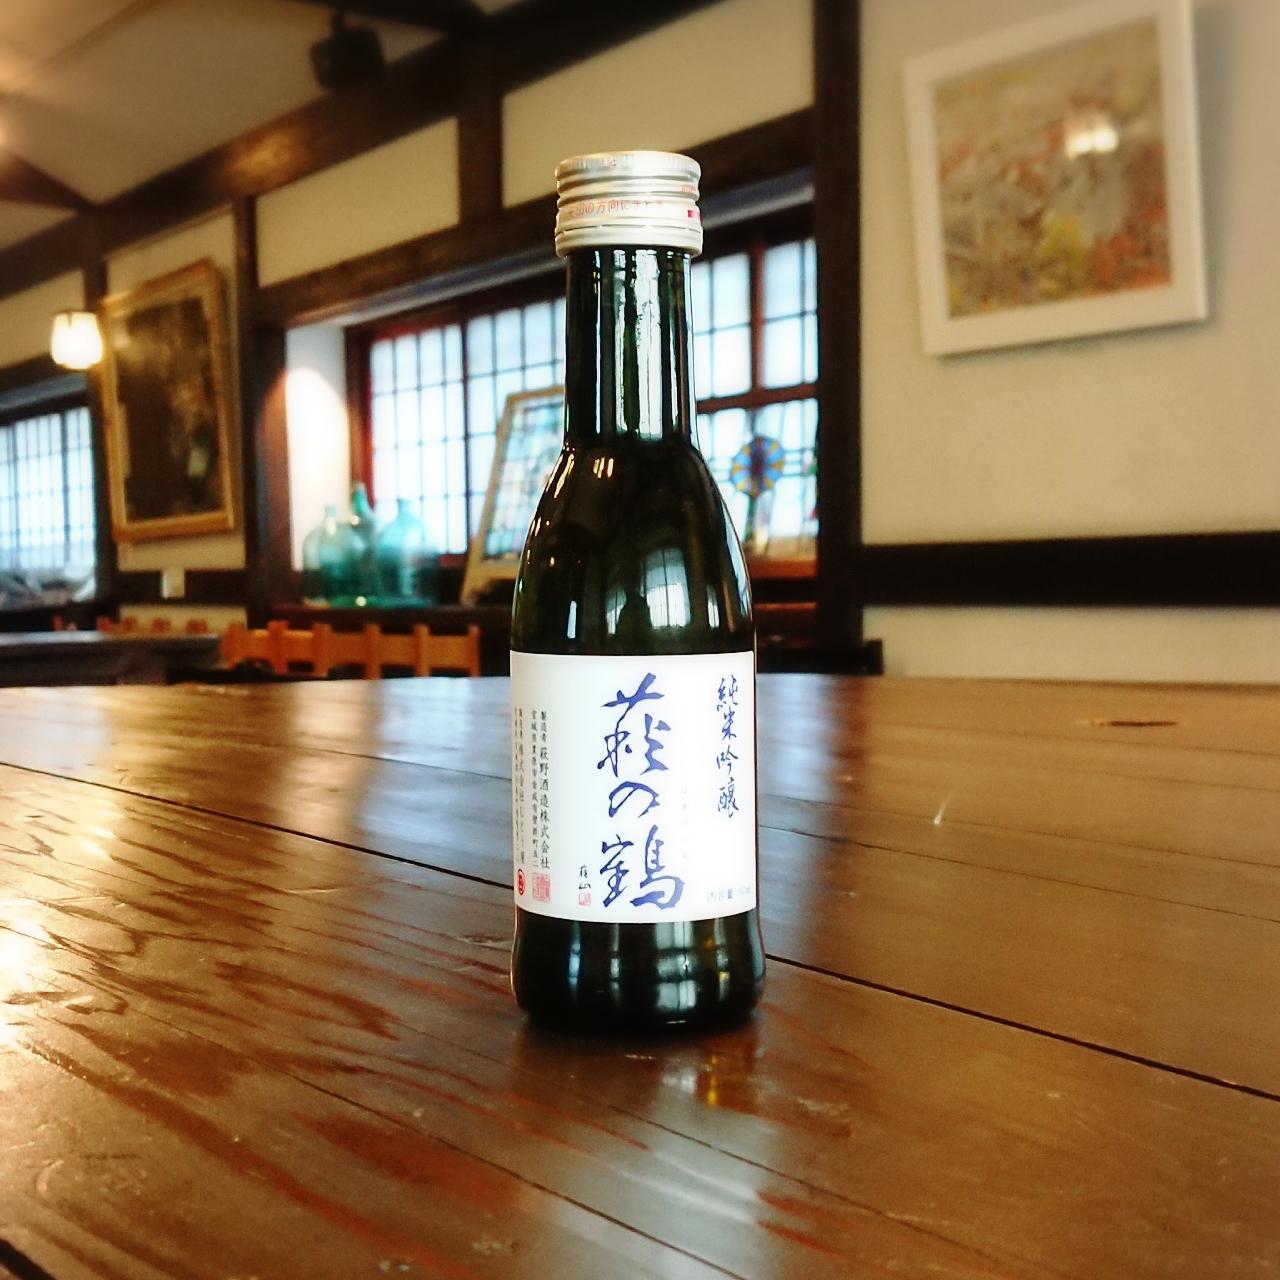 【180mlのお酒】萩の鶴 純米吟醸【むとう屋オリジナル】